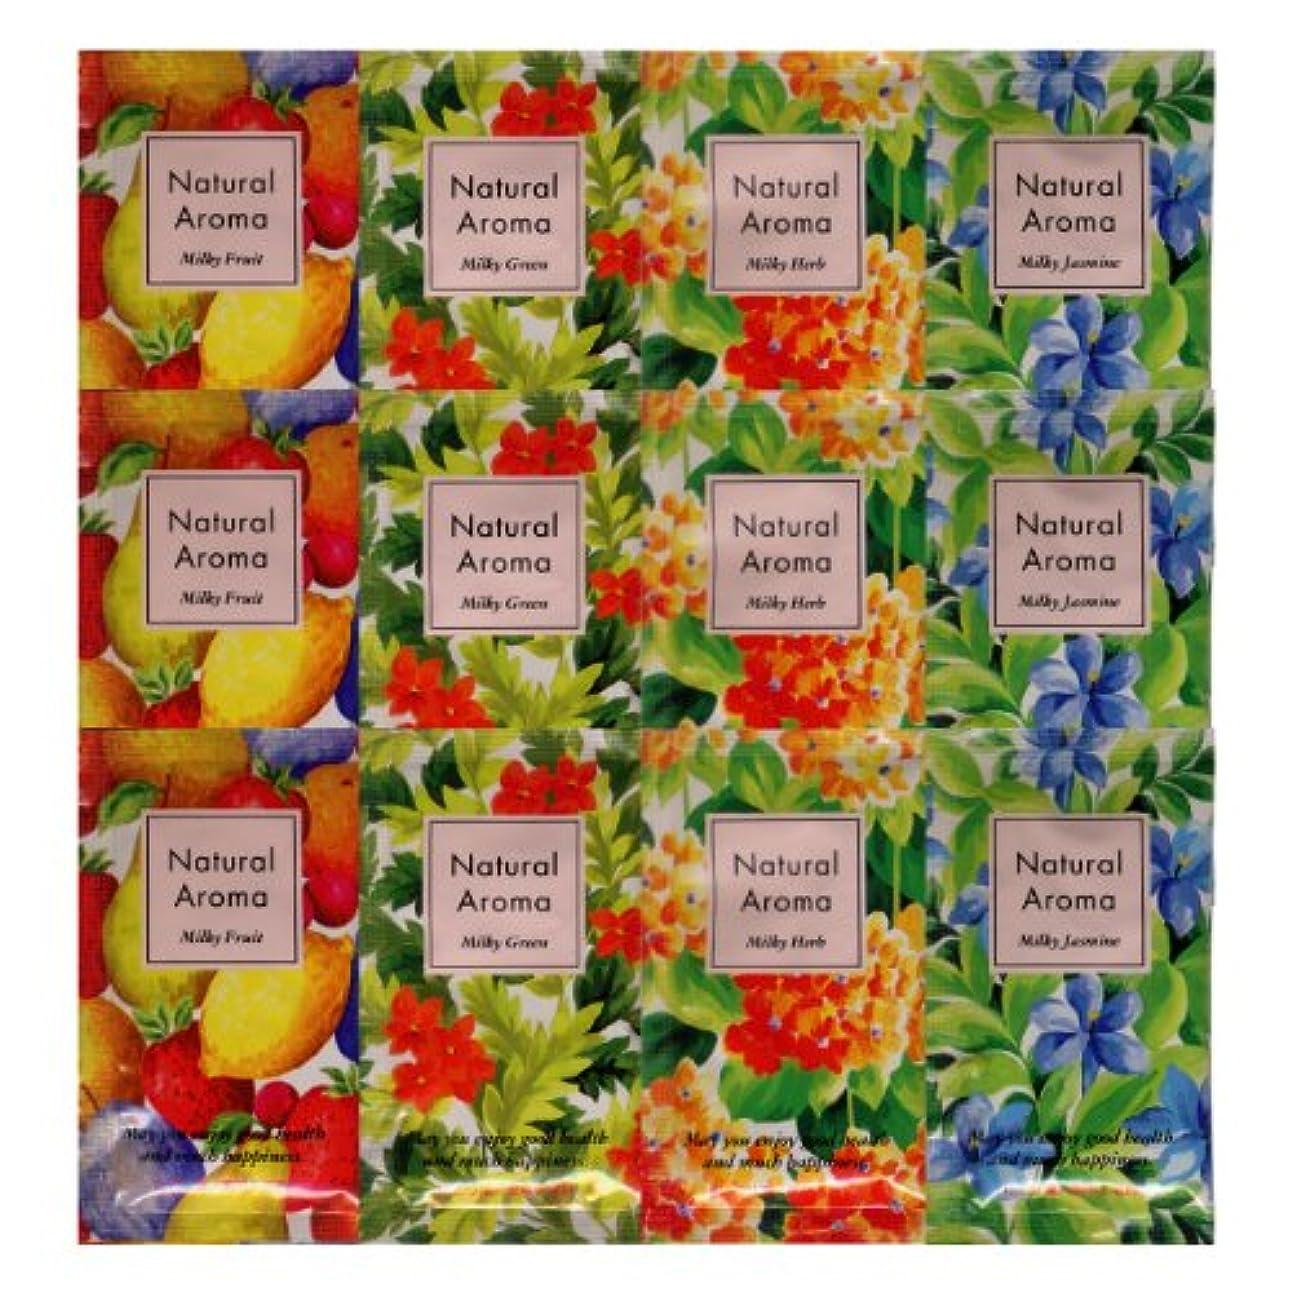 ビート自発旅行代理店ナチュラルアロマ 入浴剤 ミルキーハーブ 4種類×3 12包セット